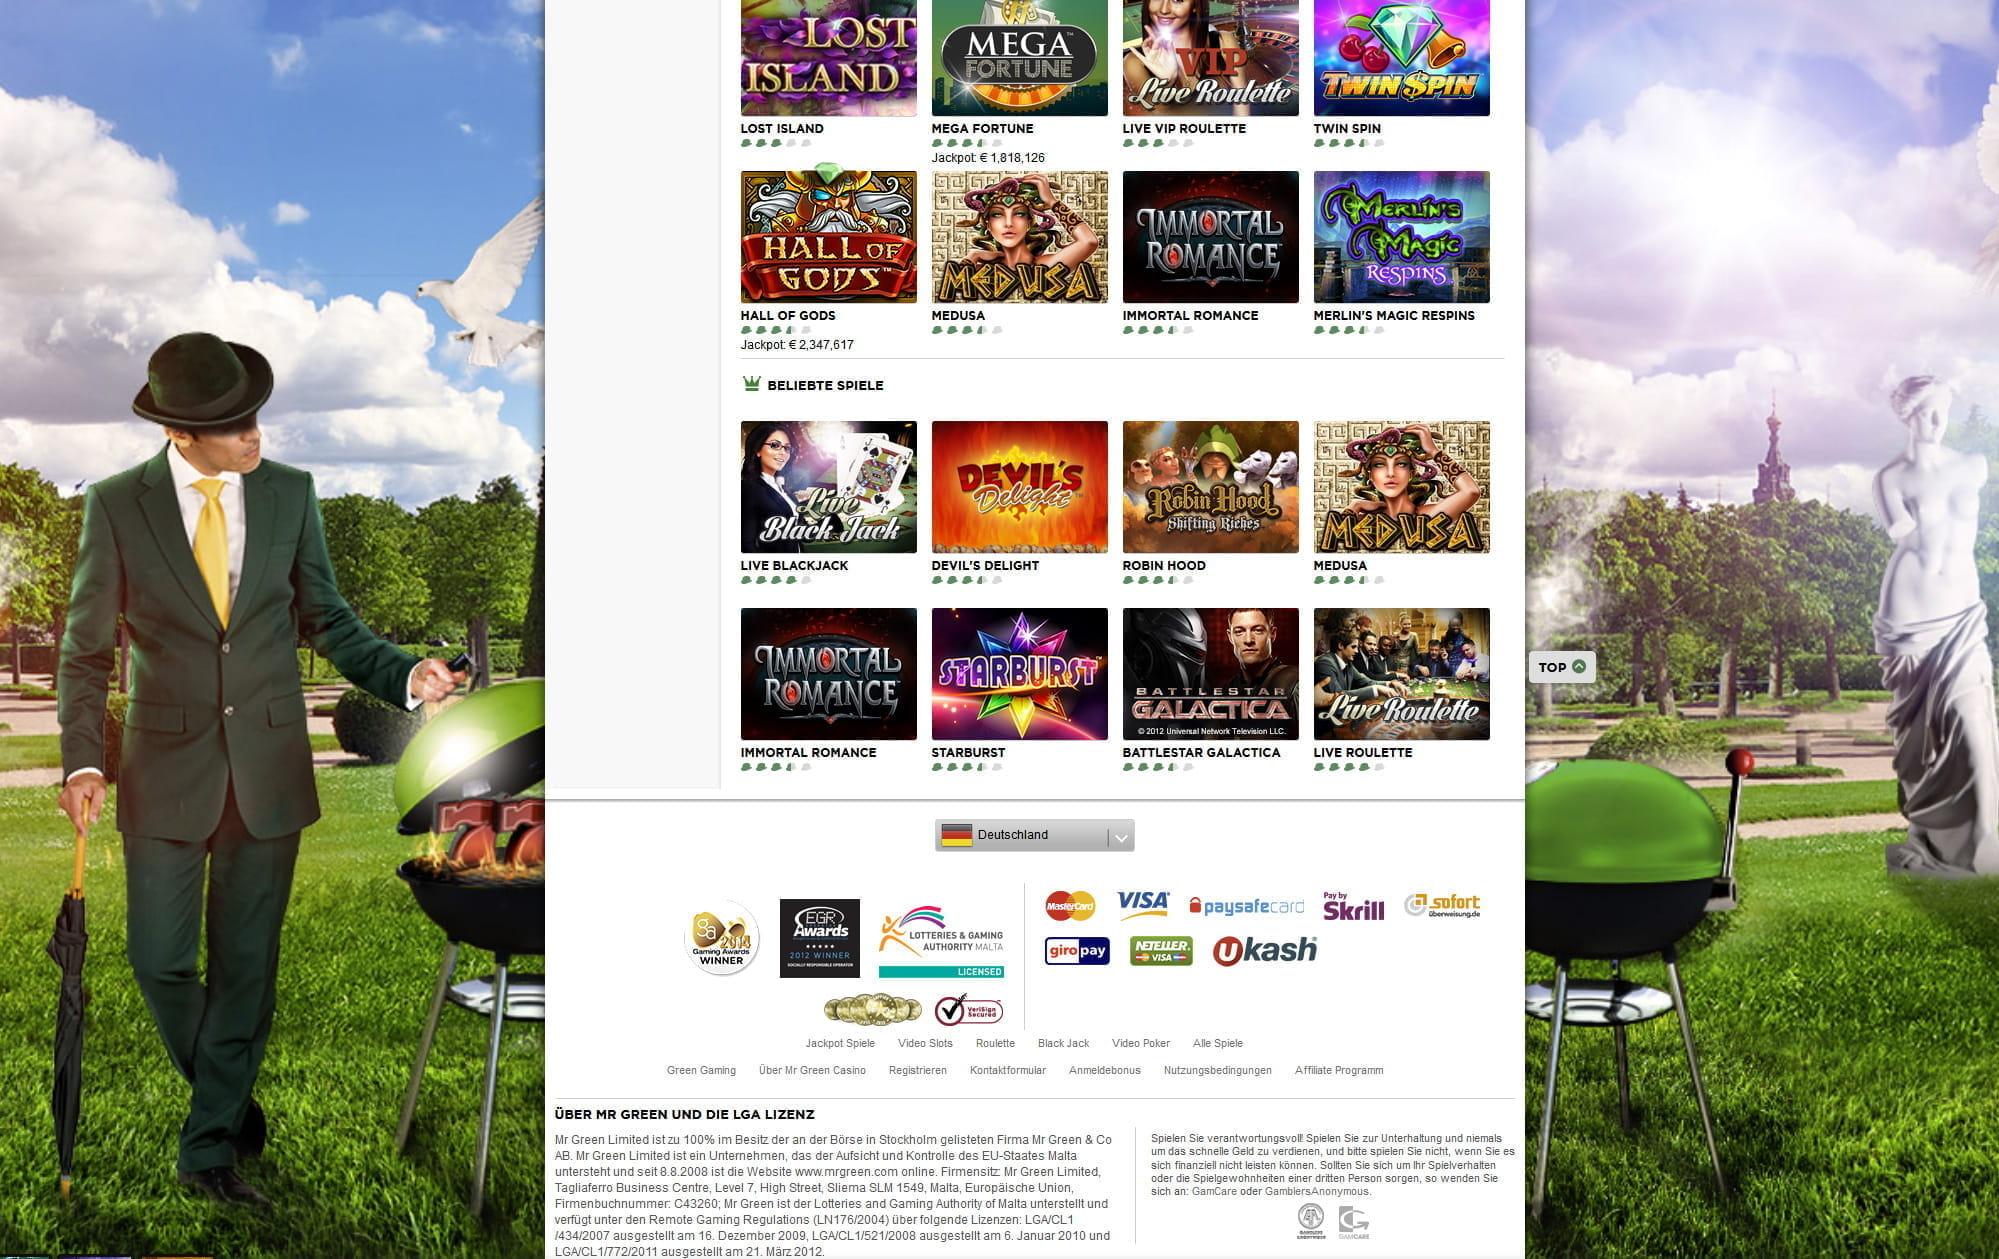 online casino bonus ohne einzahlung sofort spielautomaten kostenlos spielen ohne anmeldung